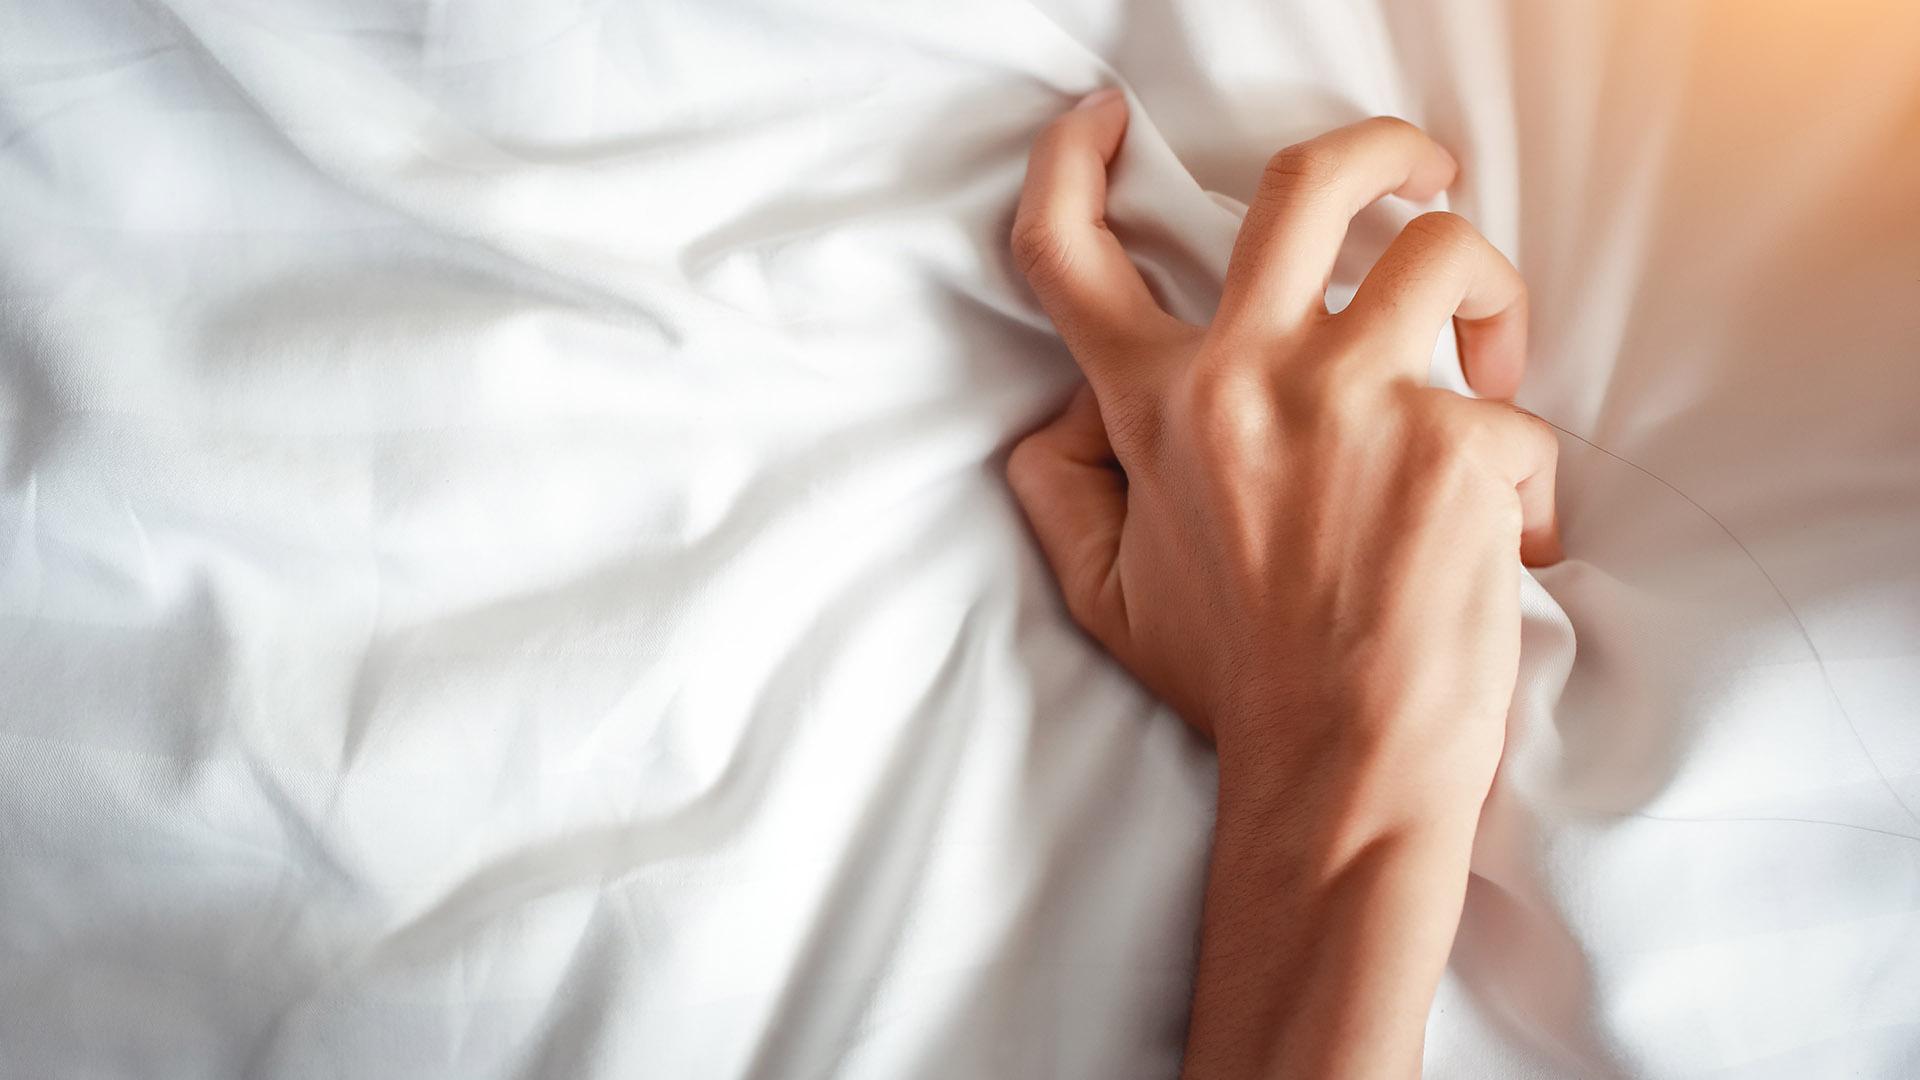 Orgasmos De Chicas cómo las mujeres pueden tener más orgasmos, según una